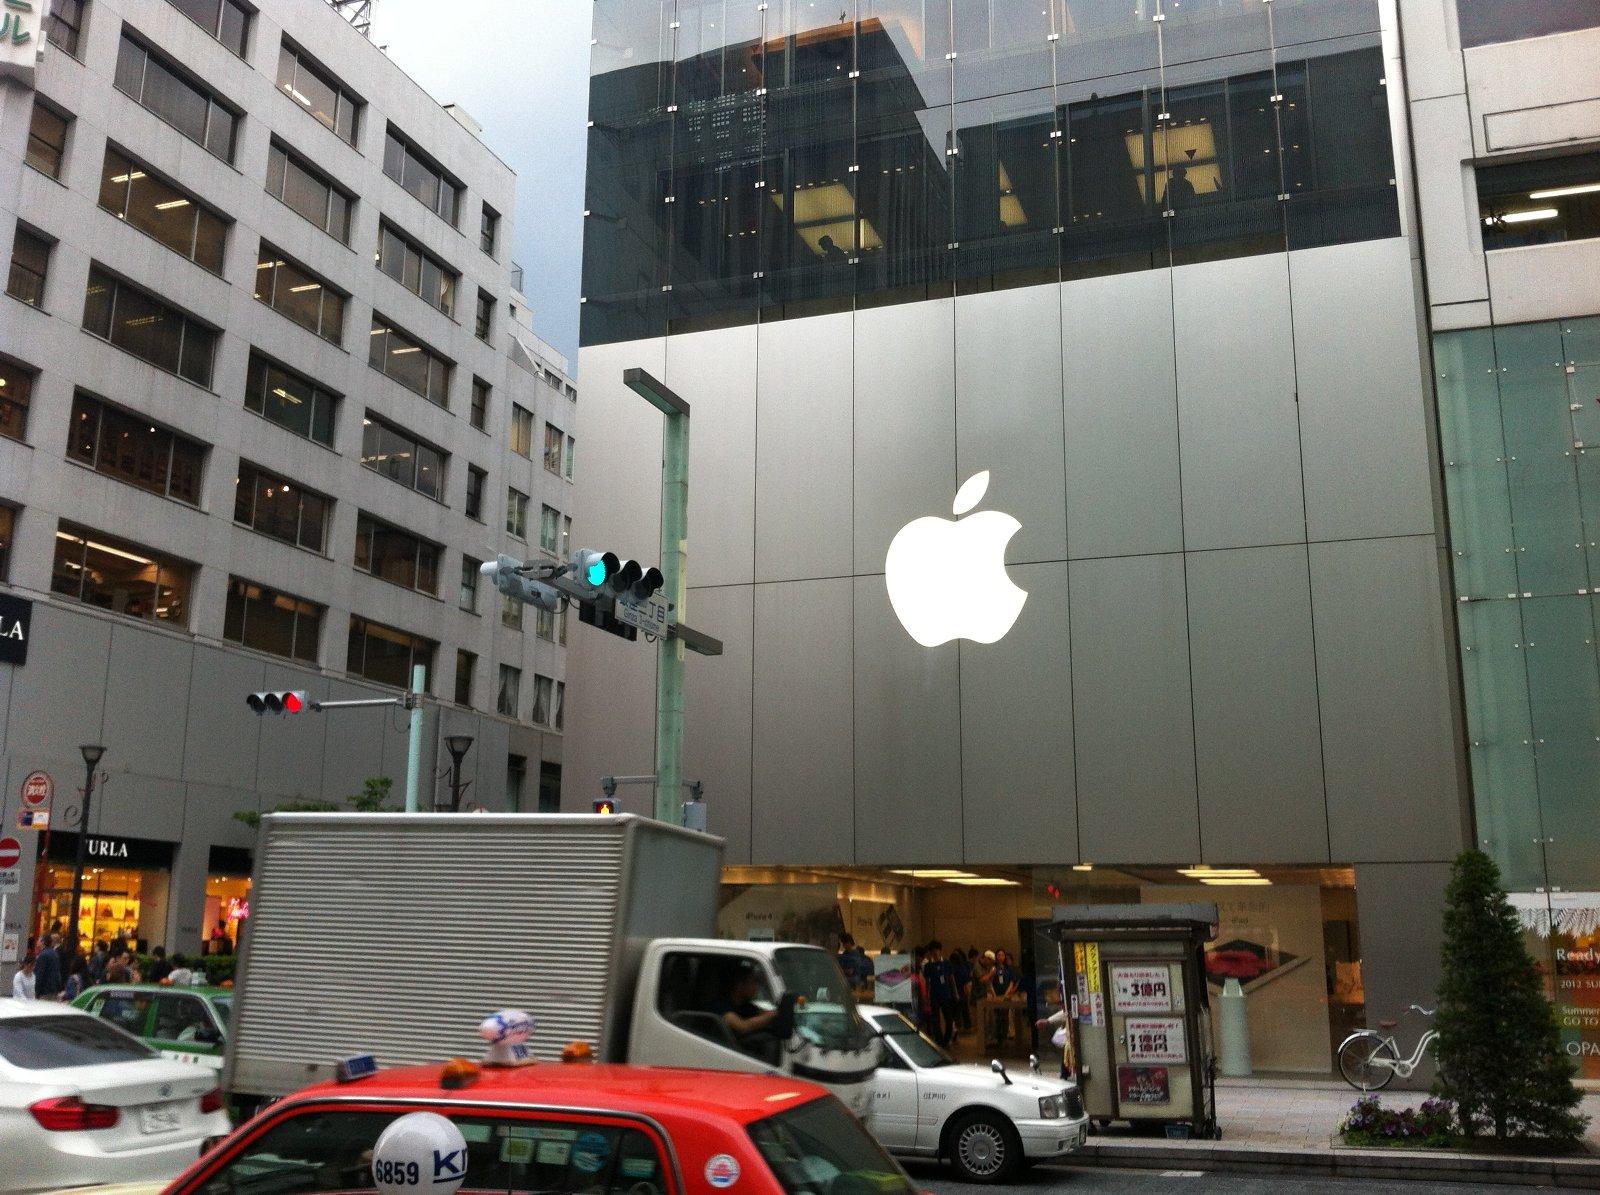 iPhone4 落としてバックパネル(バックガラス)を割る、そして修理 ...